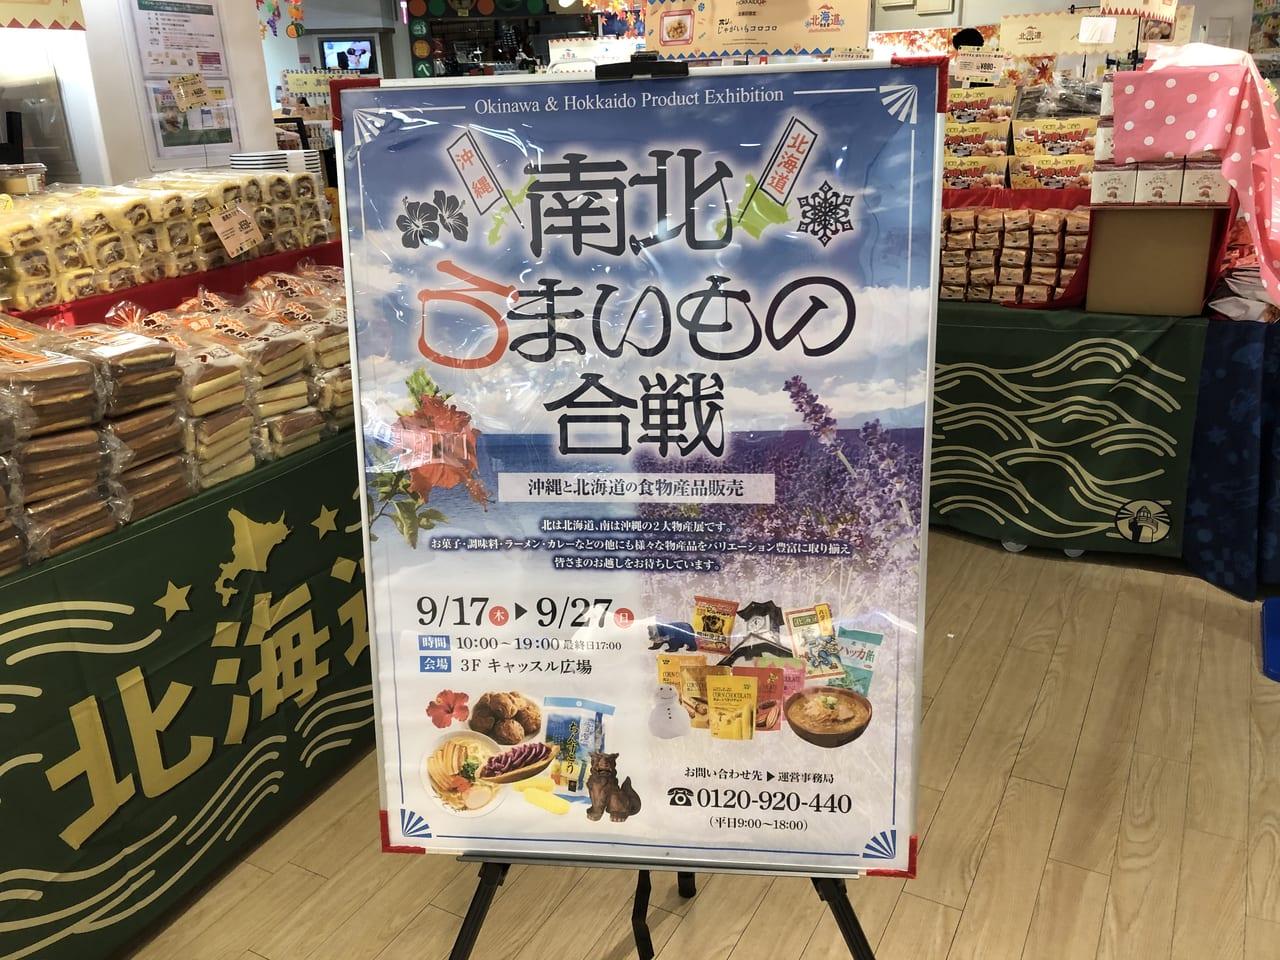 シティ イオン ドーム モール 大阪